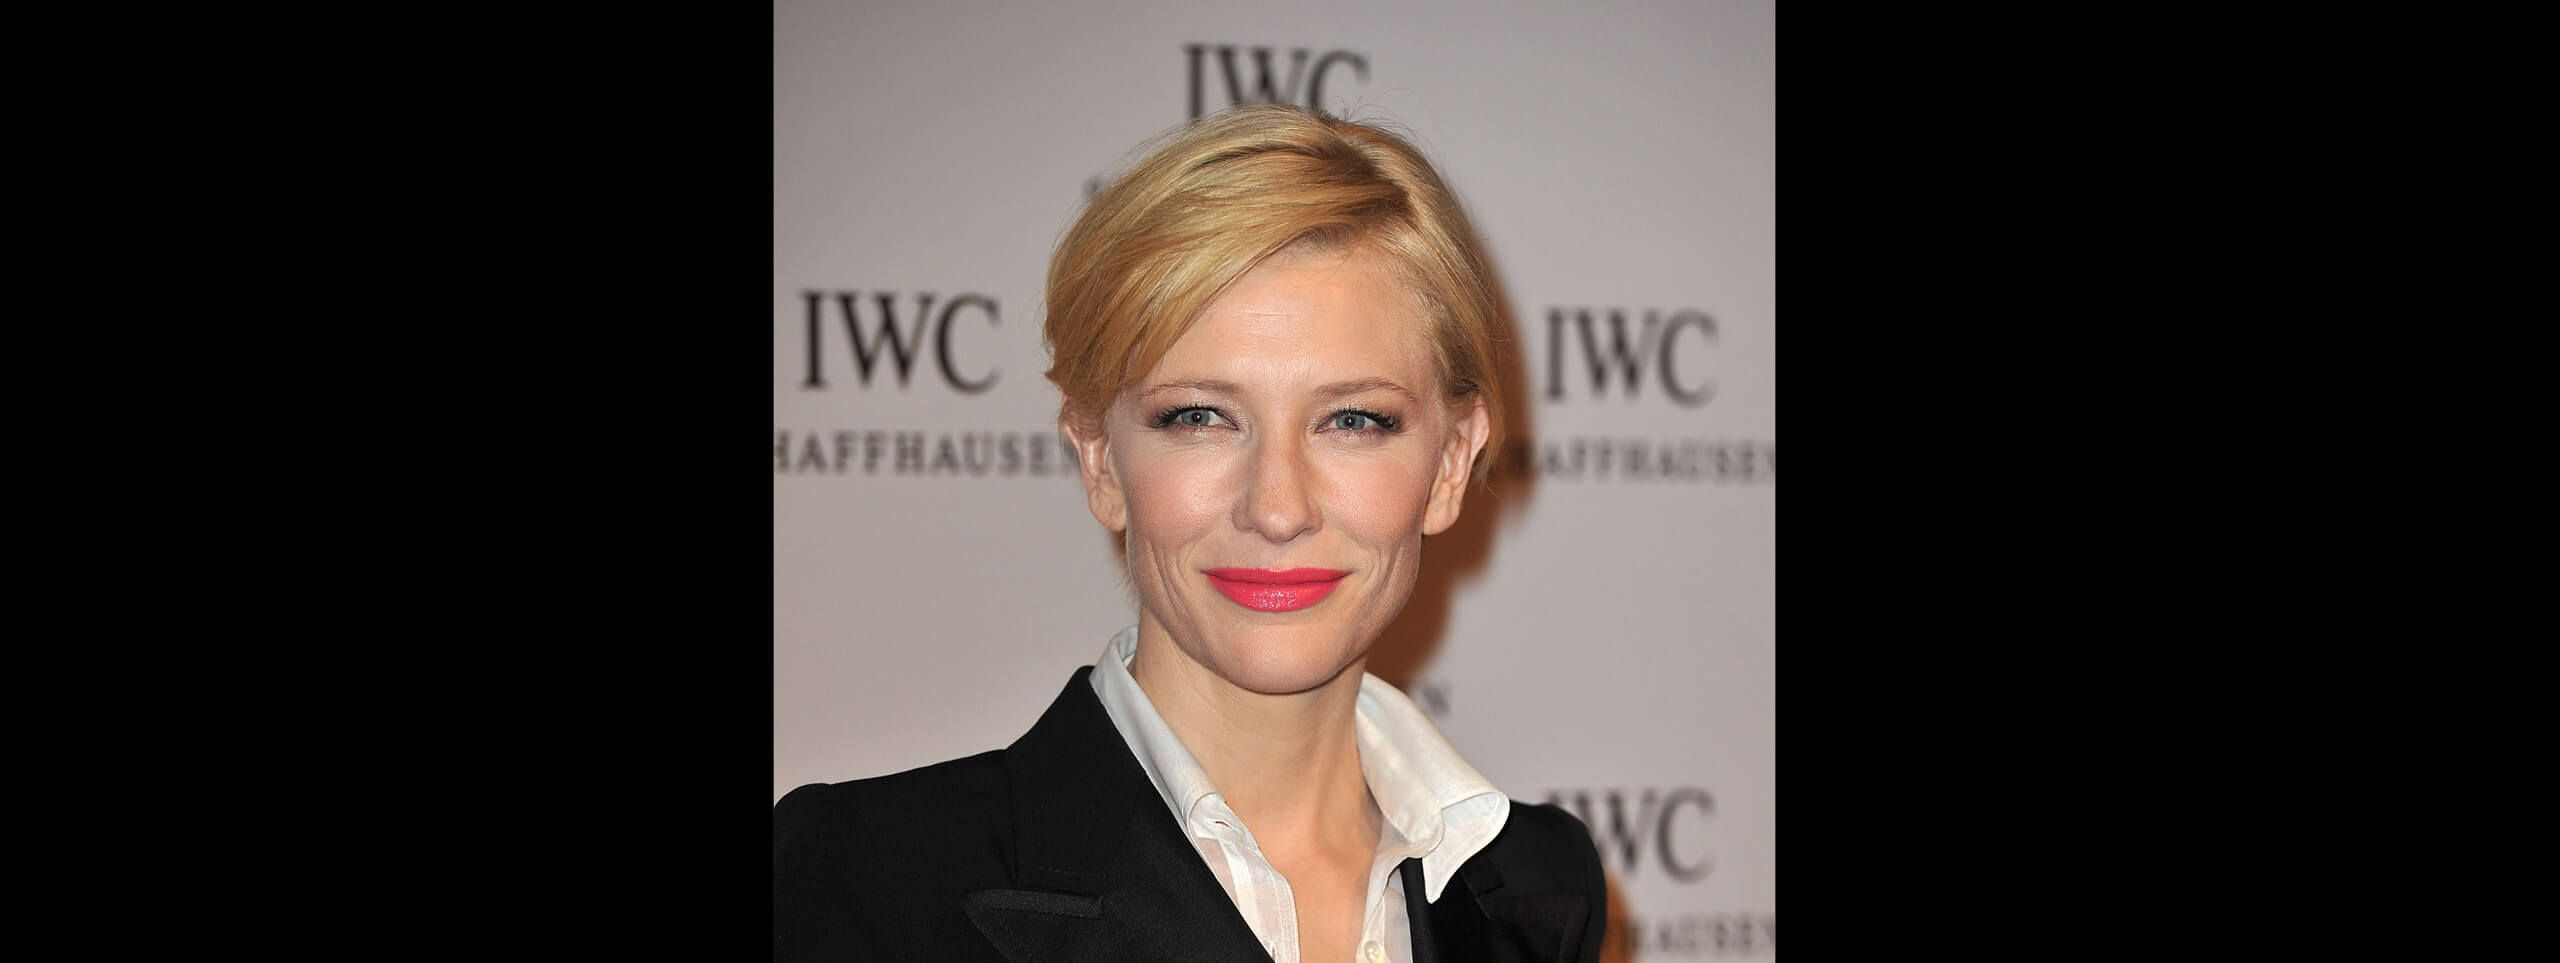 Cate Blanchett con acconciatura per capelli corti da cerimonia